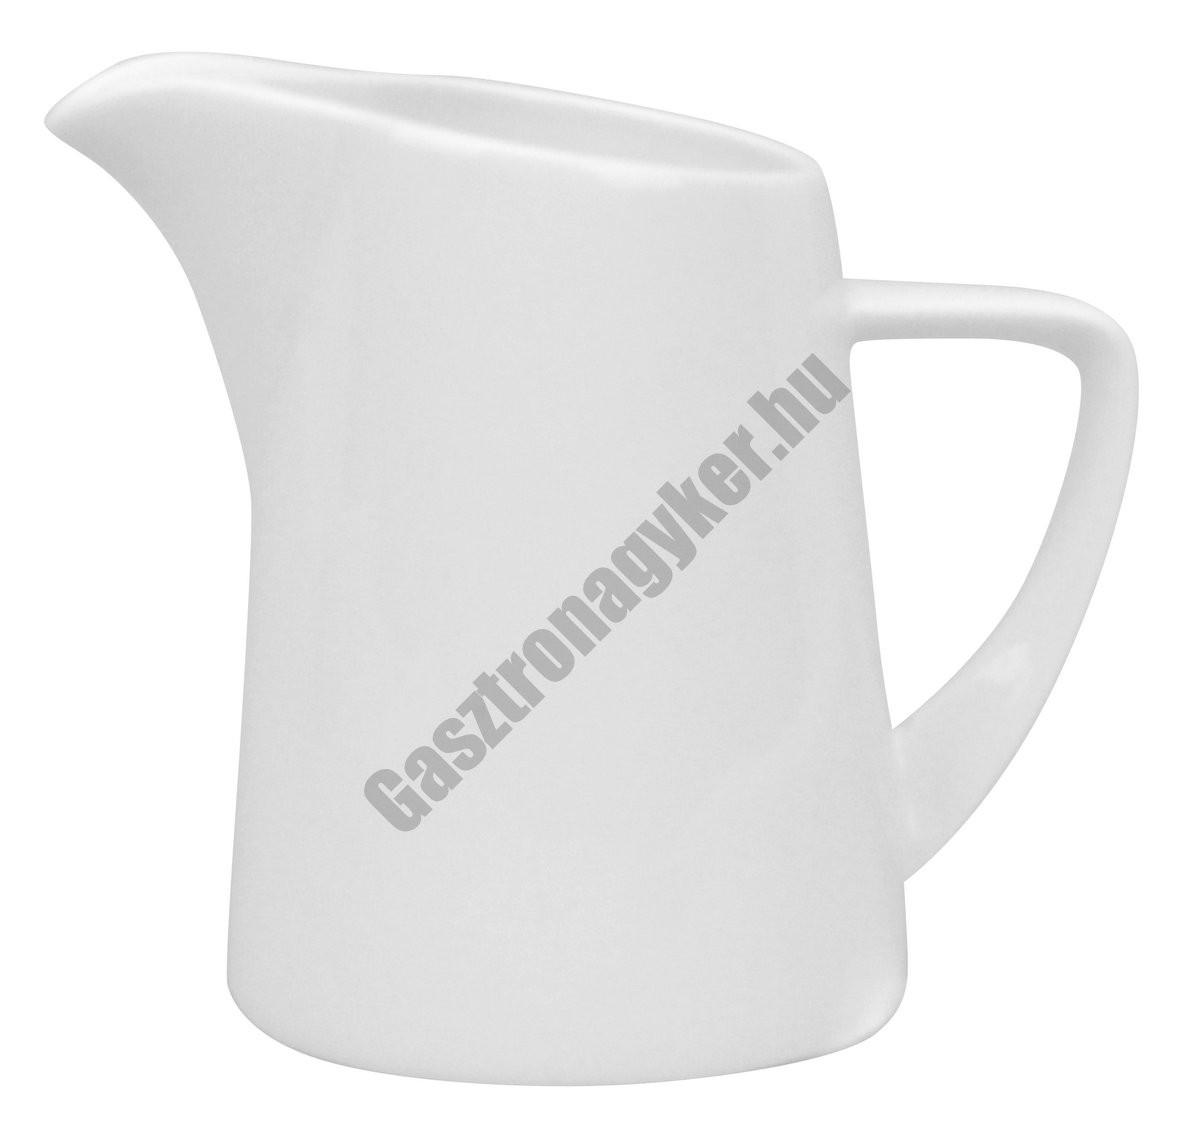 Infinity tejszín kiöntő, négyszögletes, 110 ml, porcelán